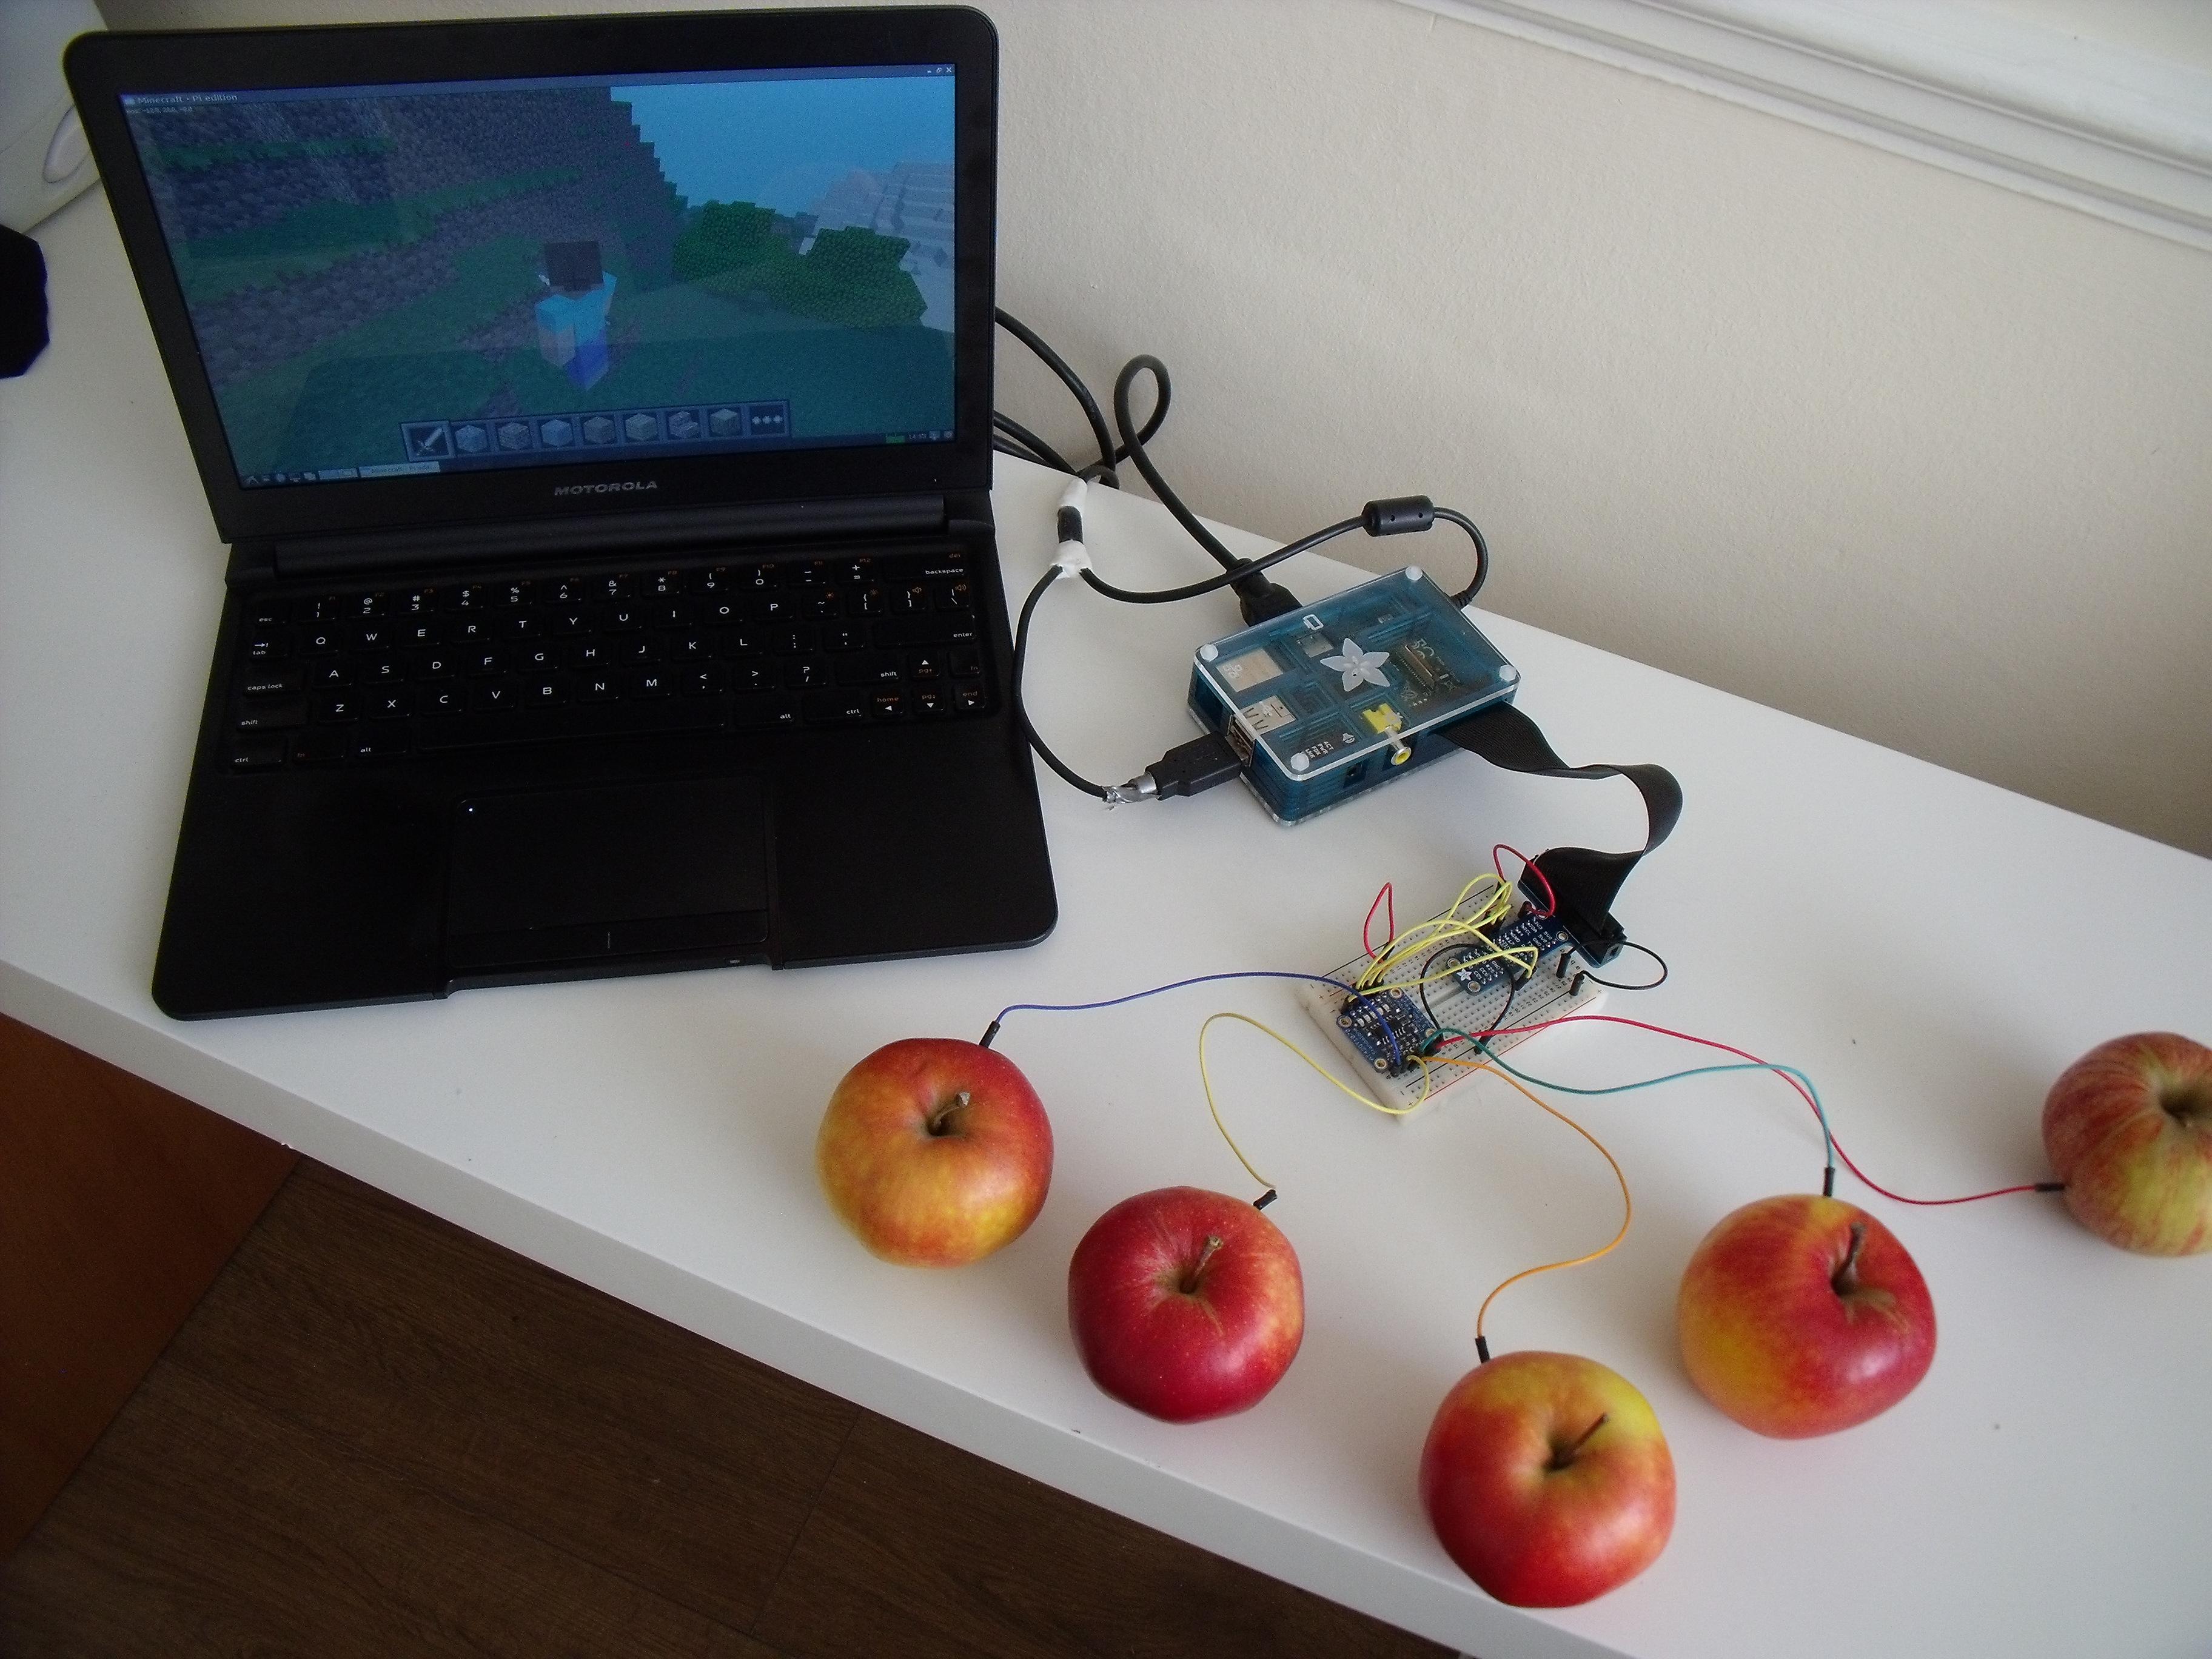 raspberry_pi_5apples.jpg